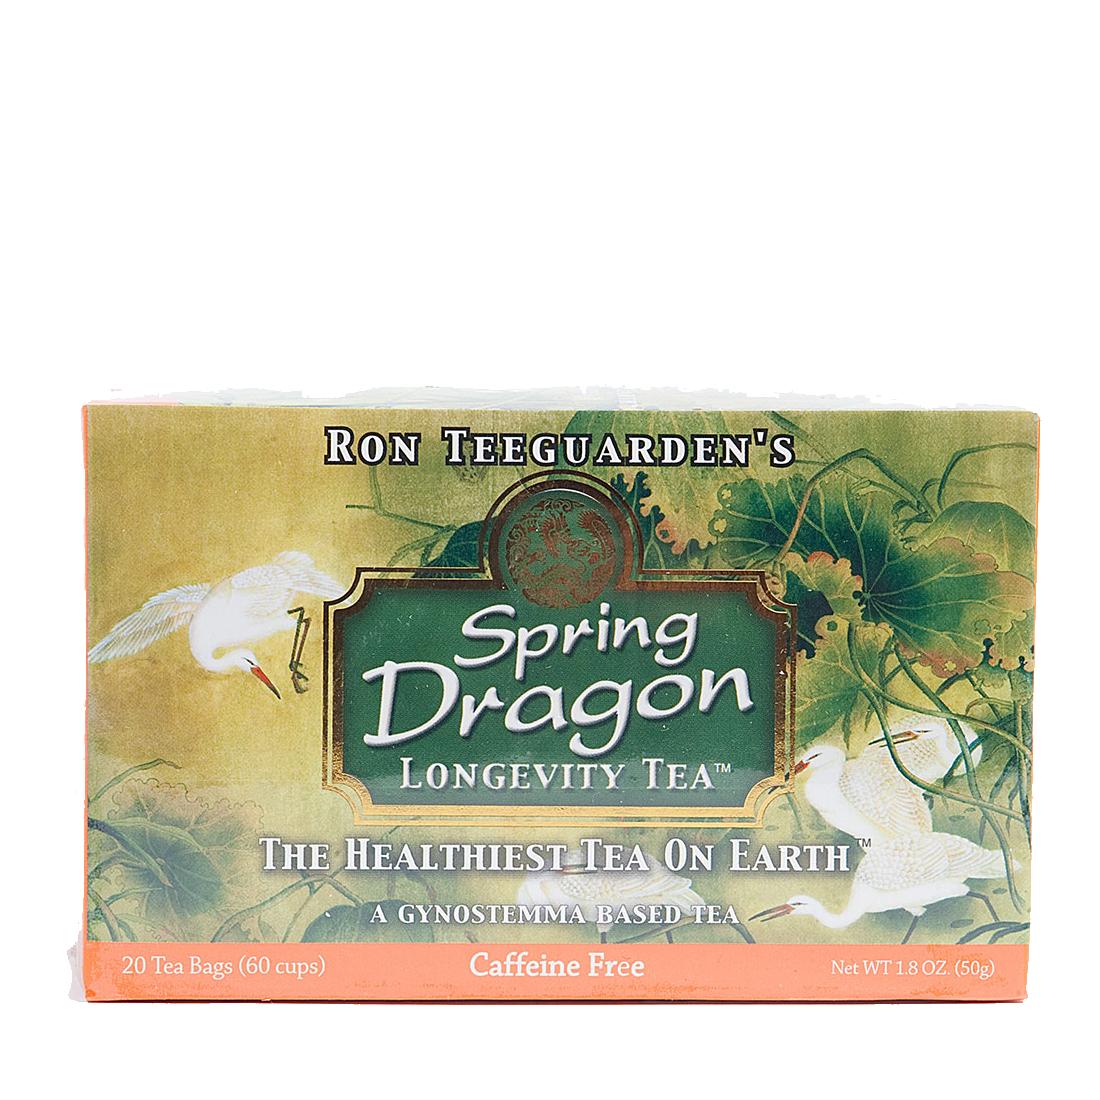 Spring Dragon Longevity Tea The Healthiest Tea On Earth